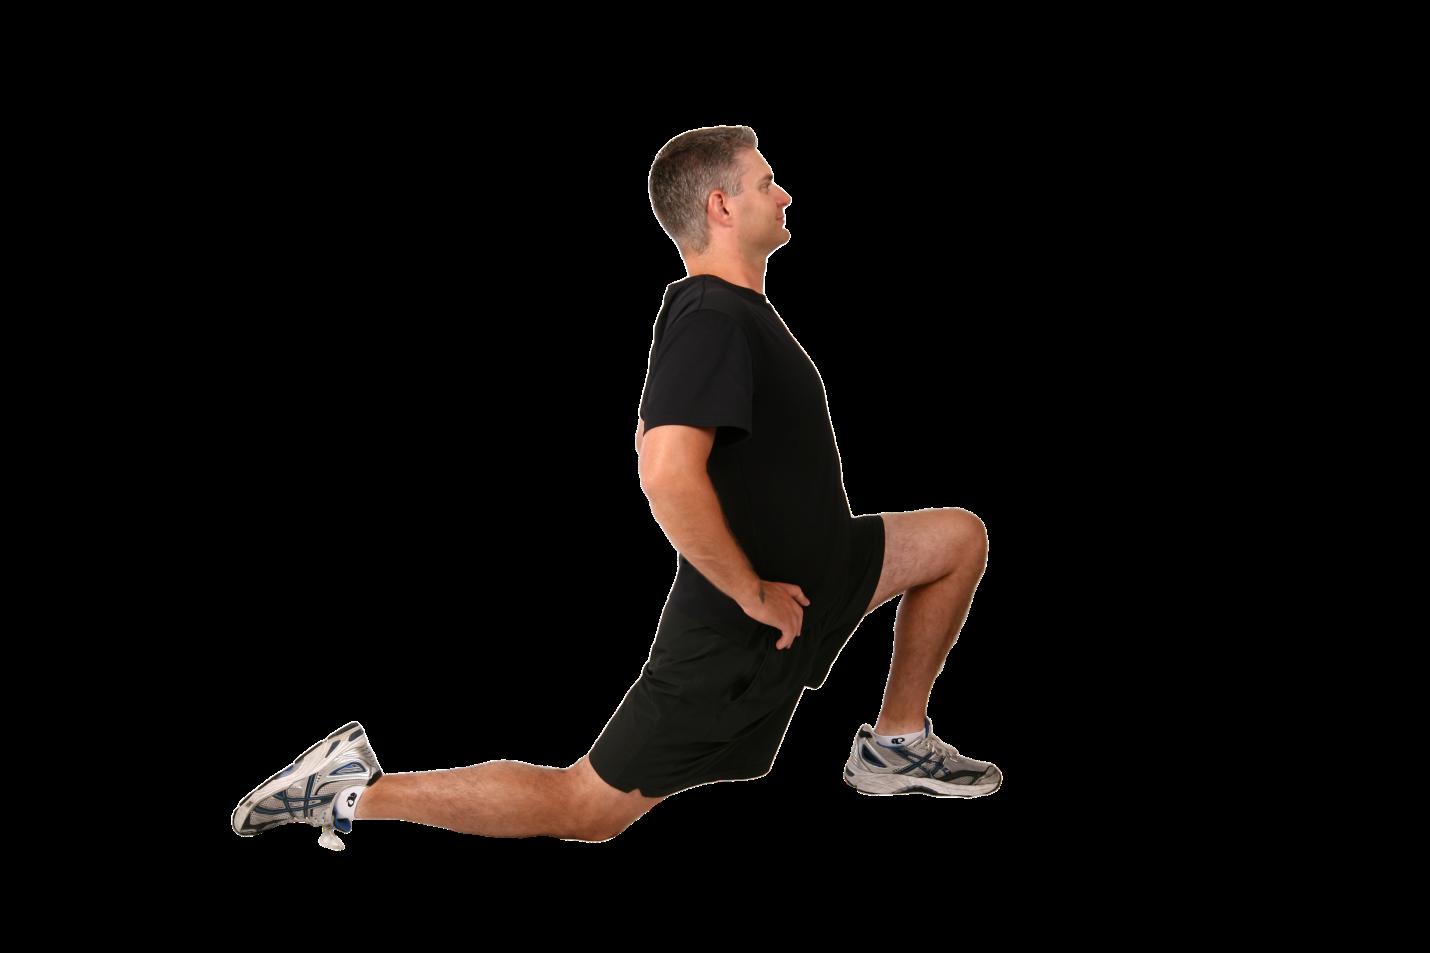 صورة تمارين رياضيه للرجال , اقووى التمارين الرياضة للرجال